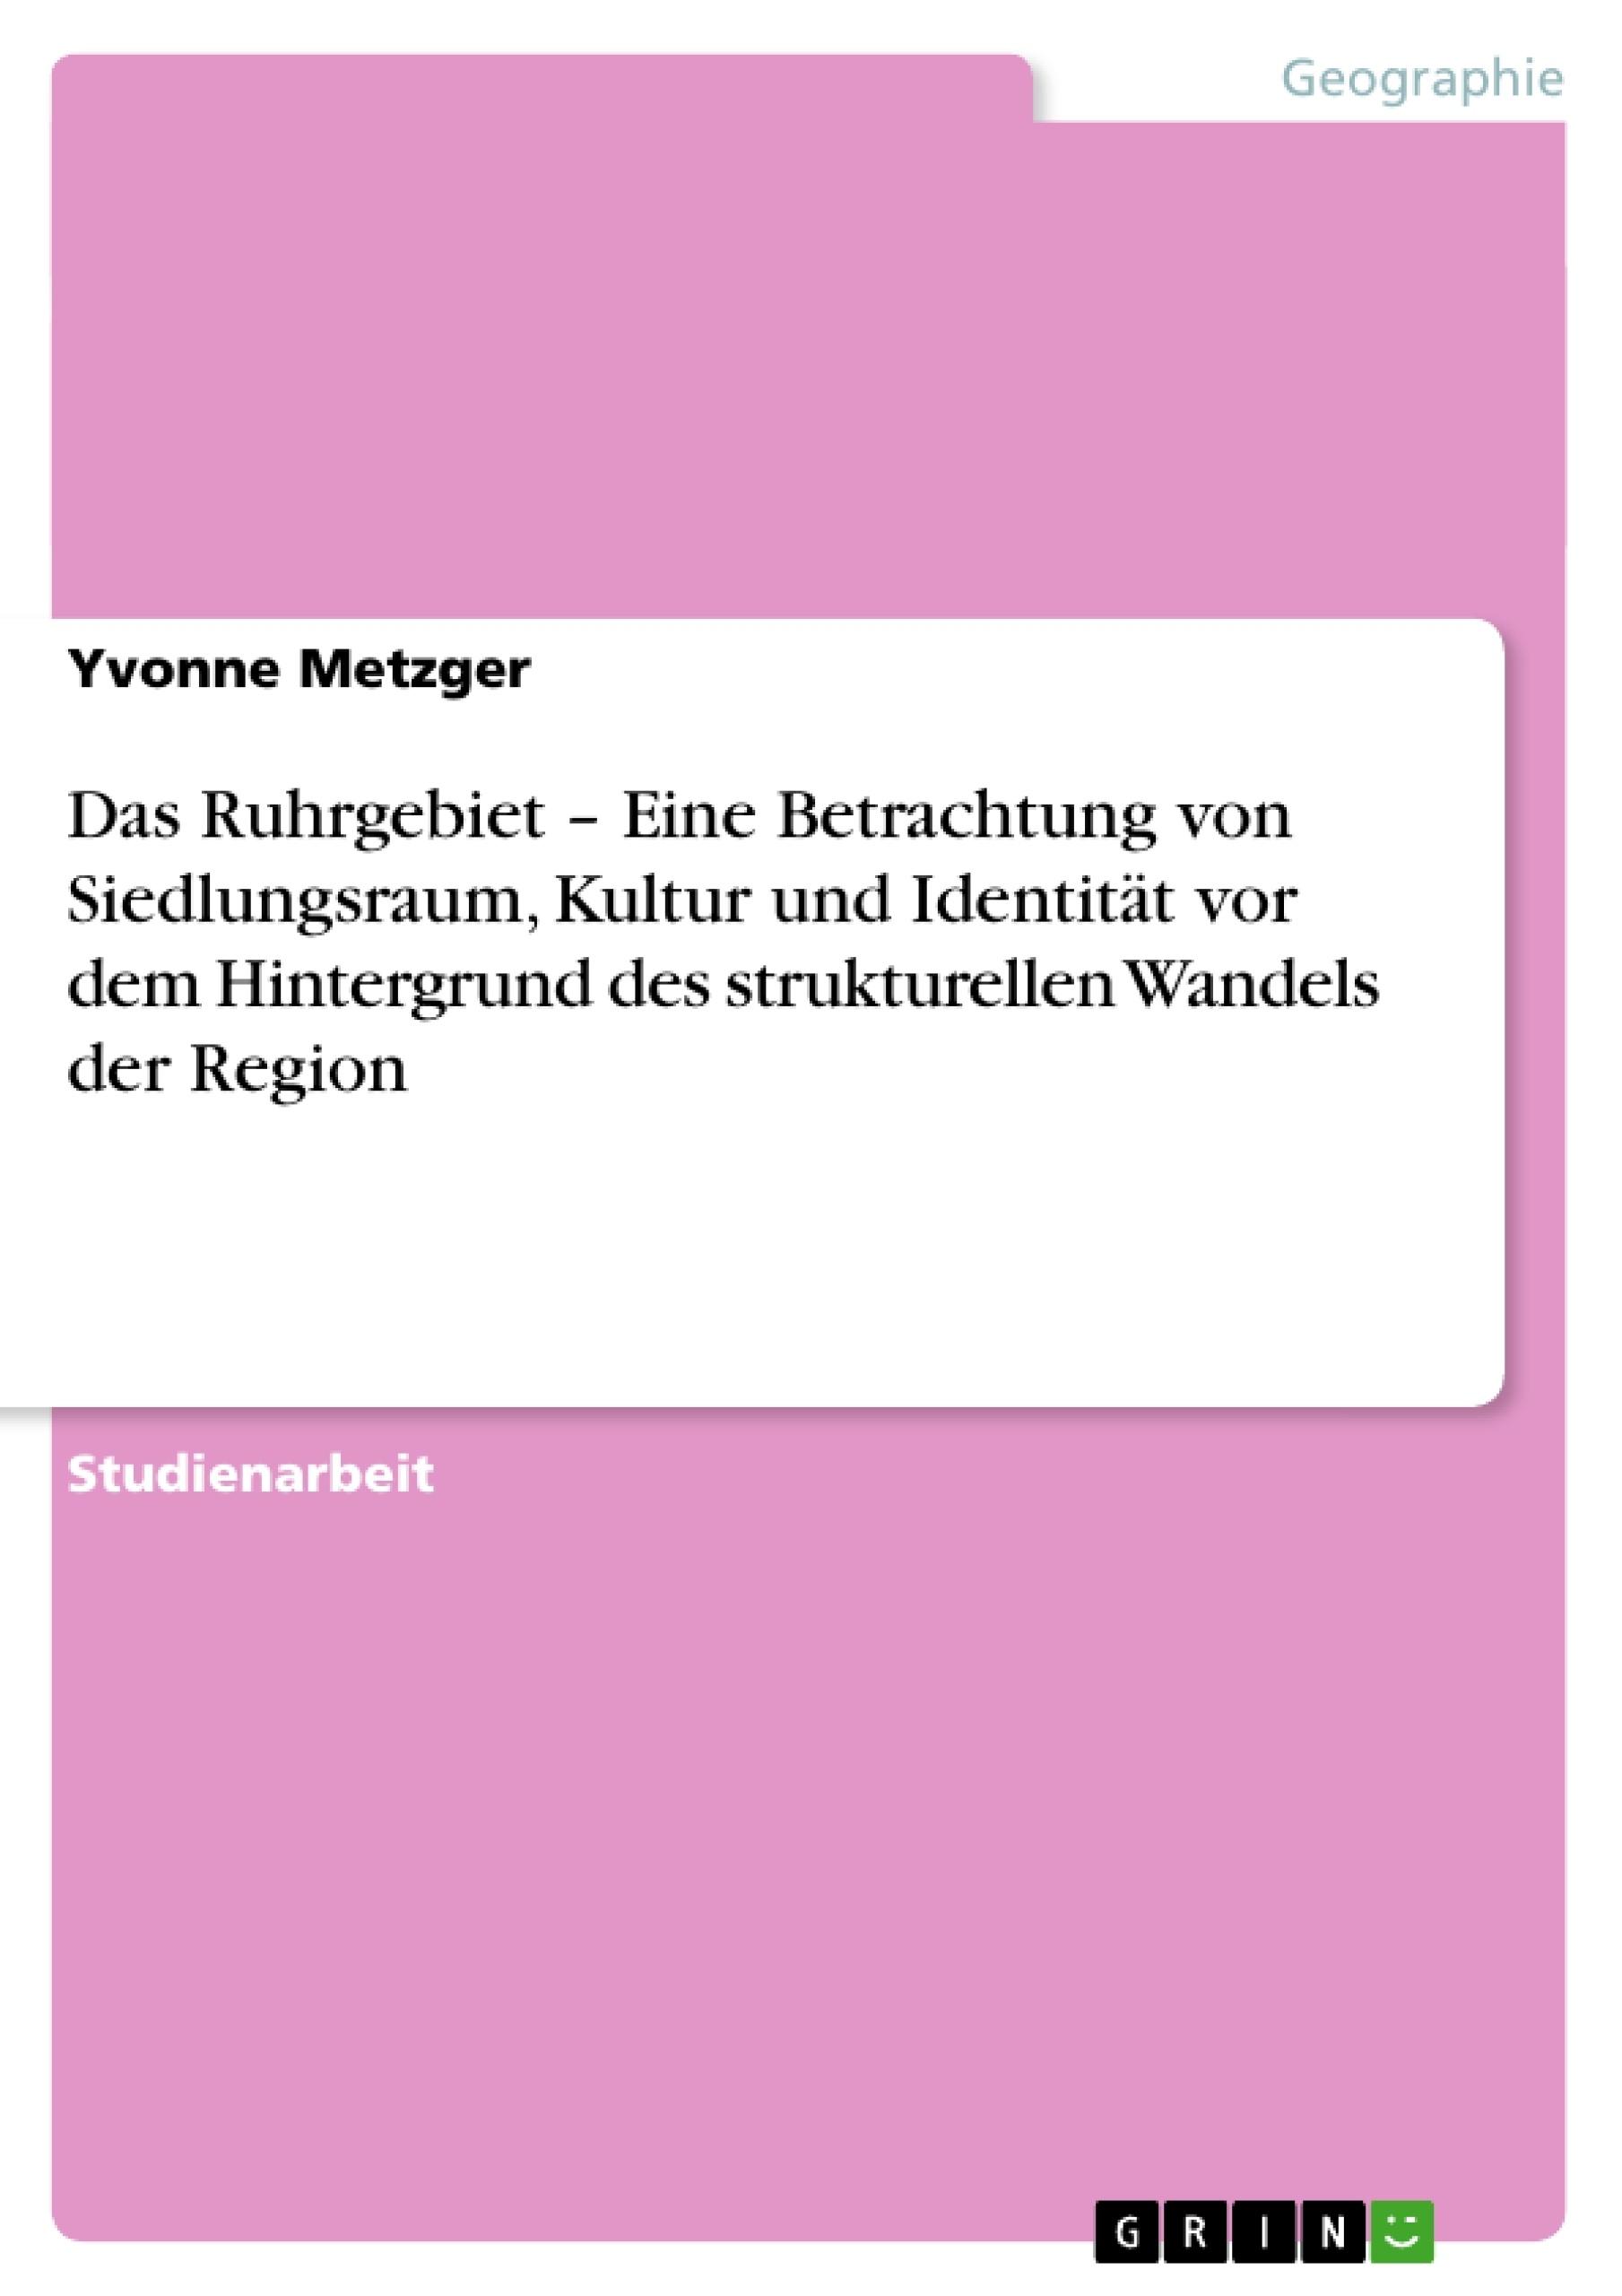 Titel: Das Ruhrgebiet – Eine Betrachtung von Siedlungsraum, Kultur und Identität vor dem Hintergrund des strukturellen Wandels der Region